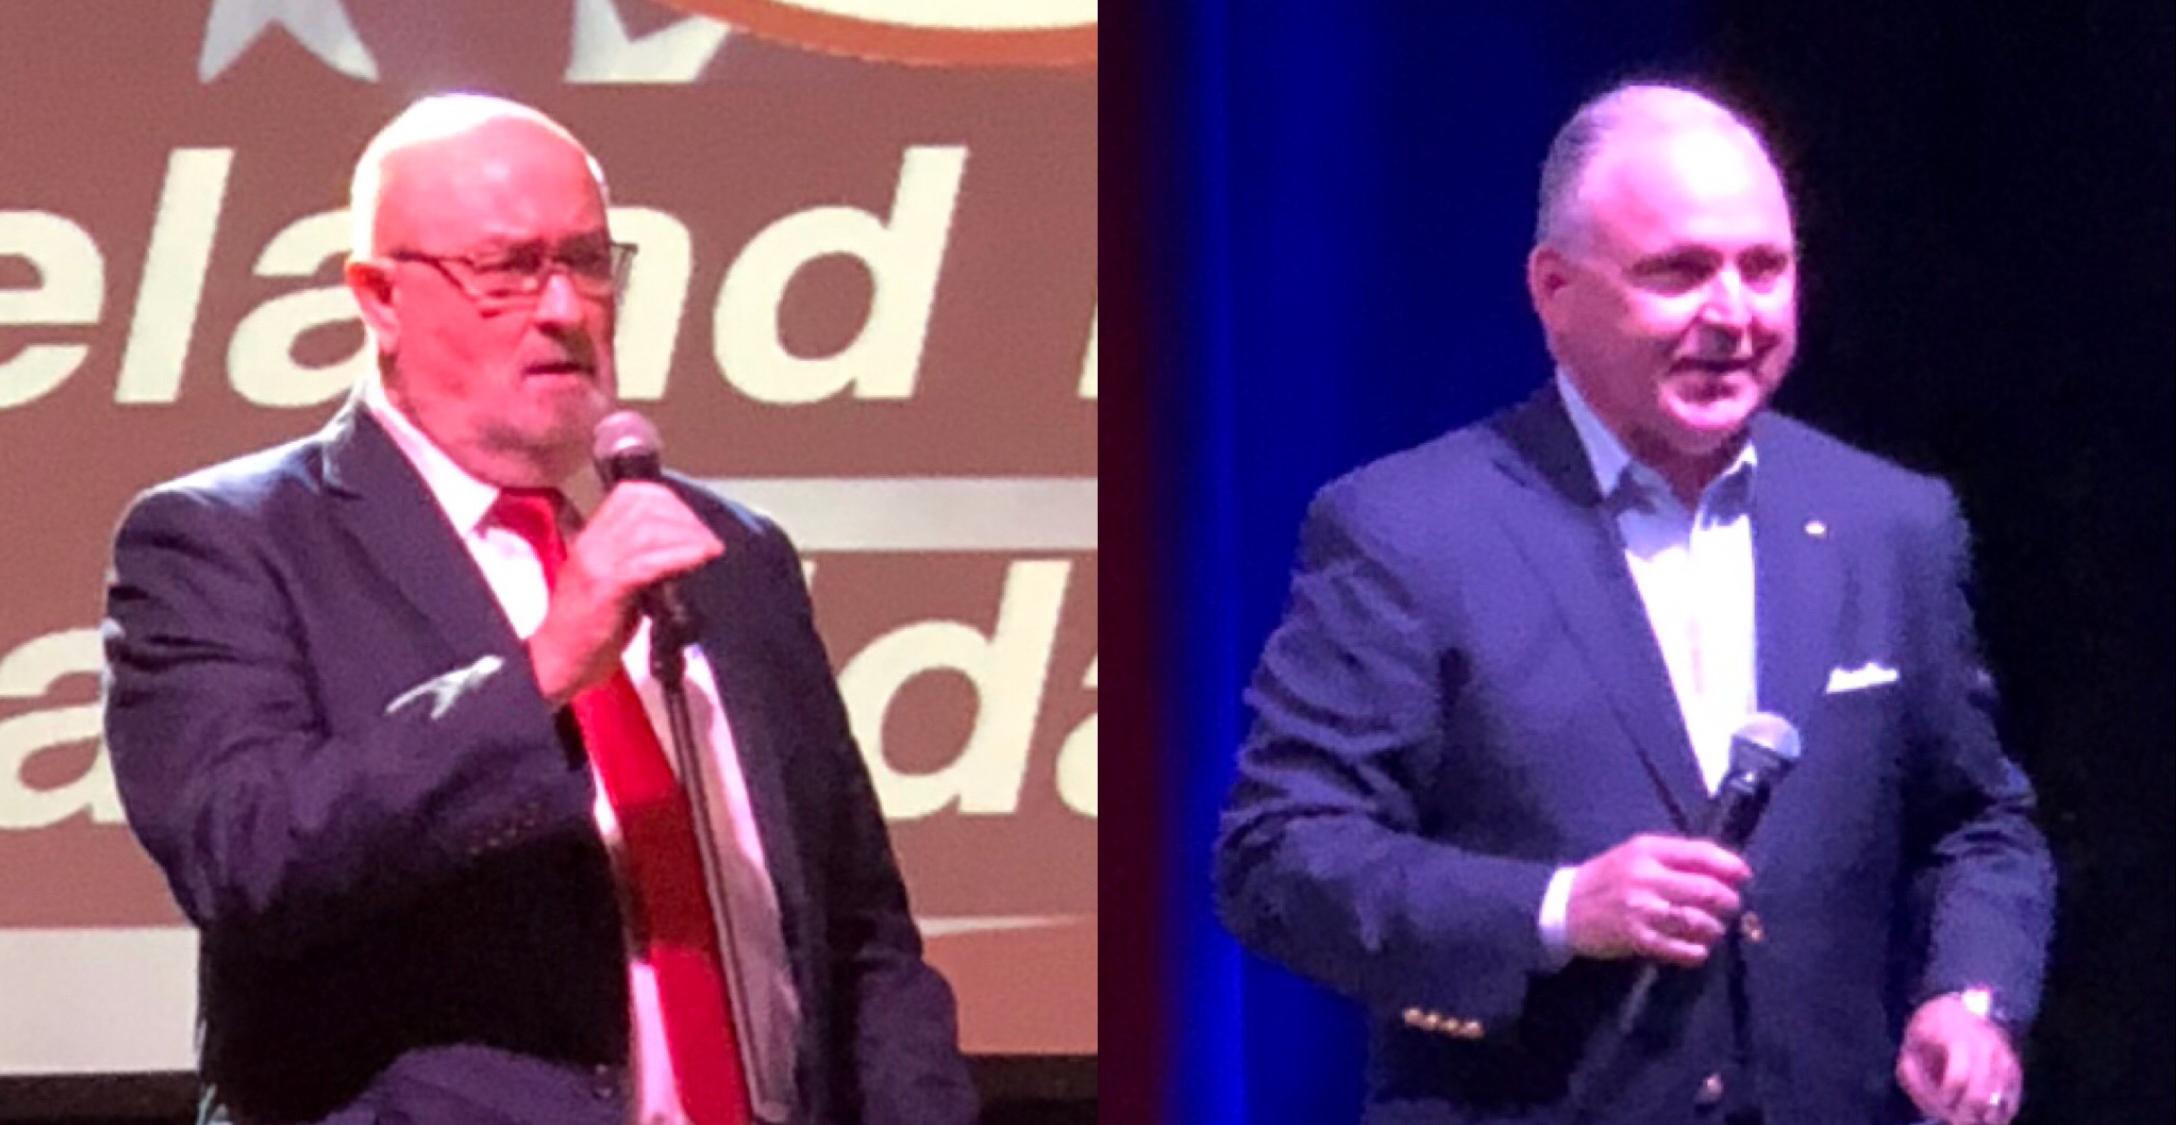 (Duane Schriver, left. Kevin Brooks, right).